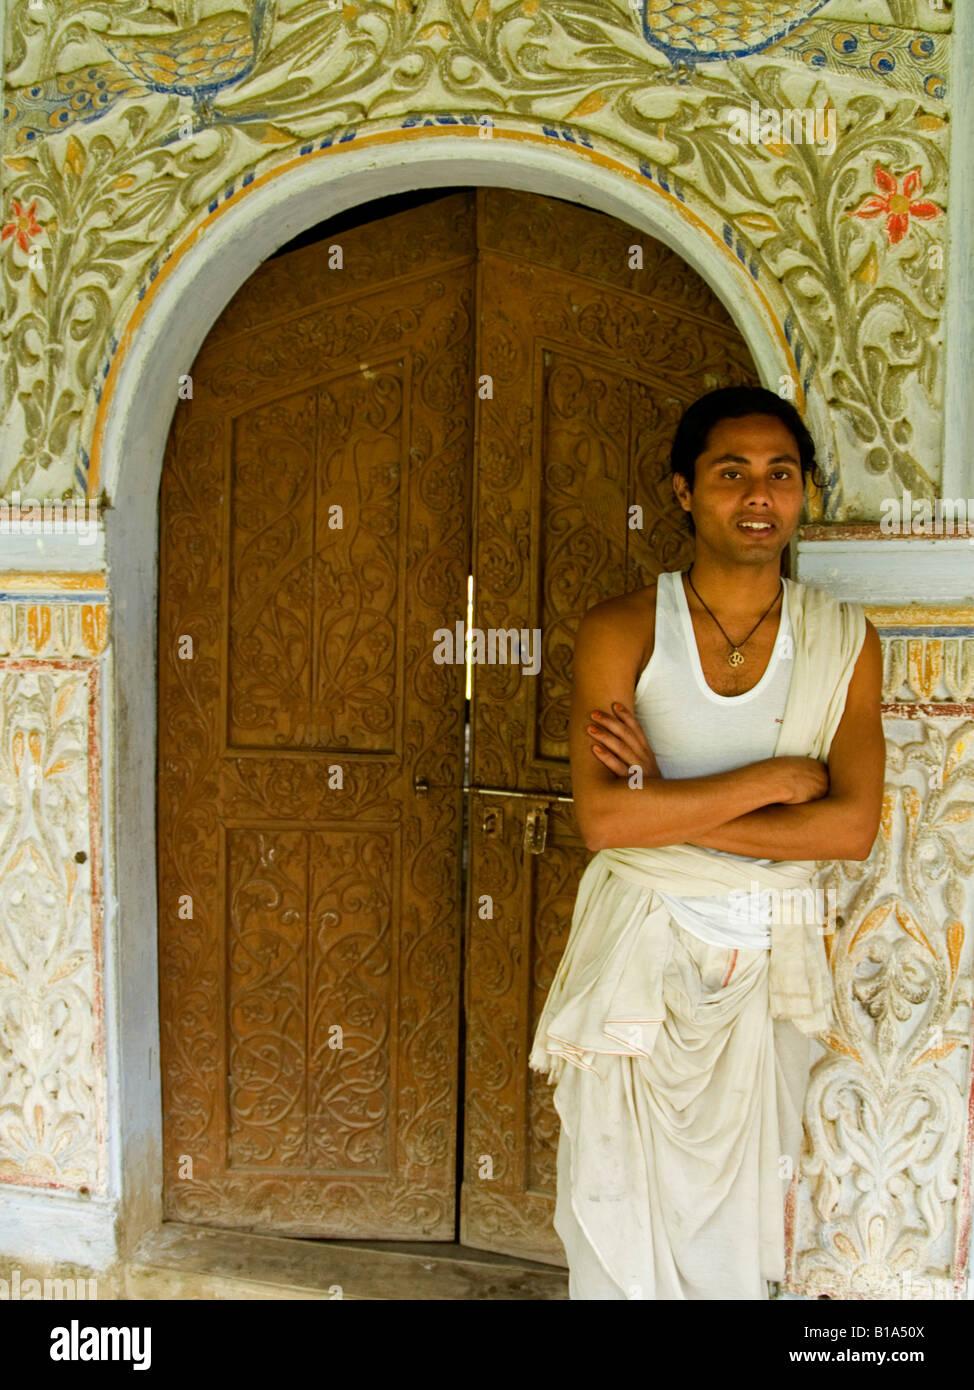 Vishnavaite monk standing in wooden monastery doorway on Majuli Island in India - Stock Image